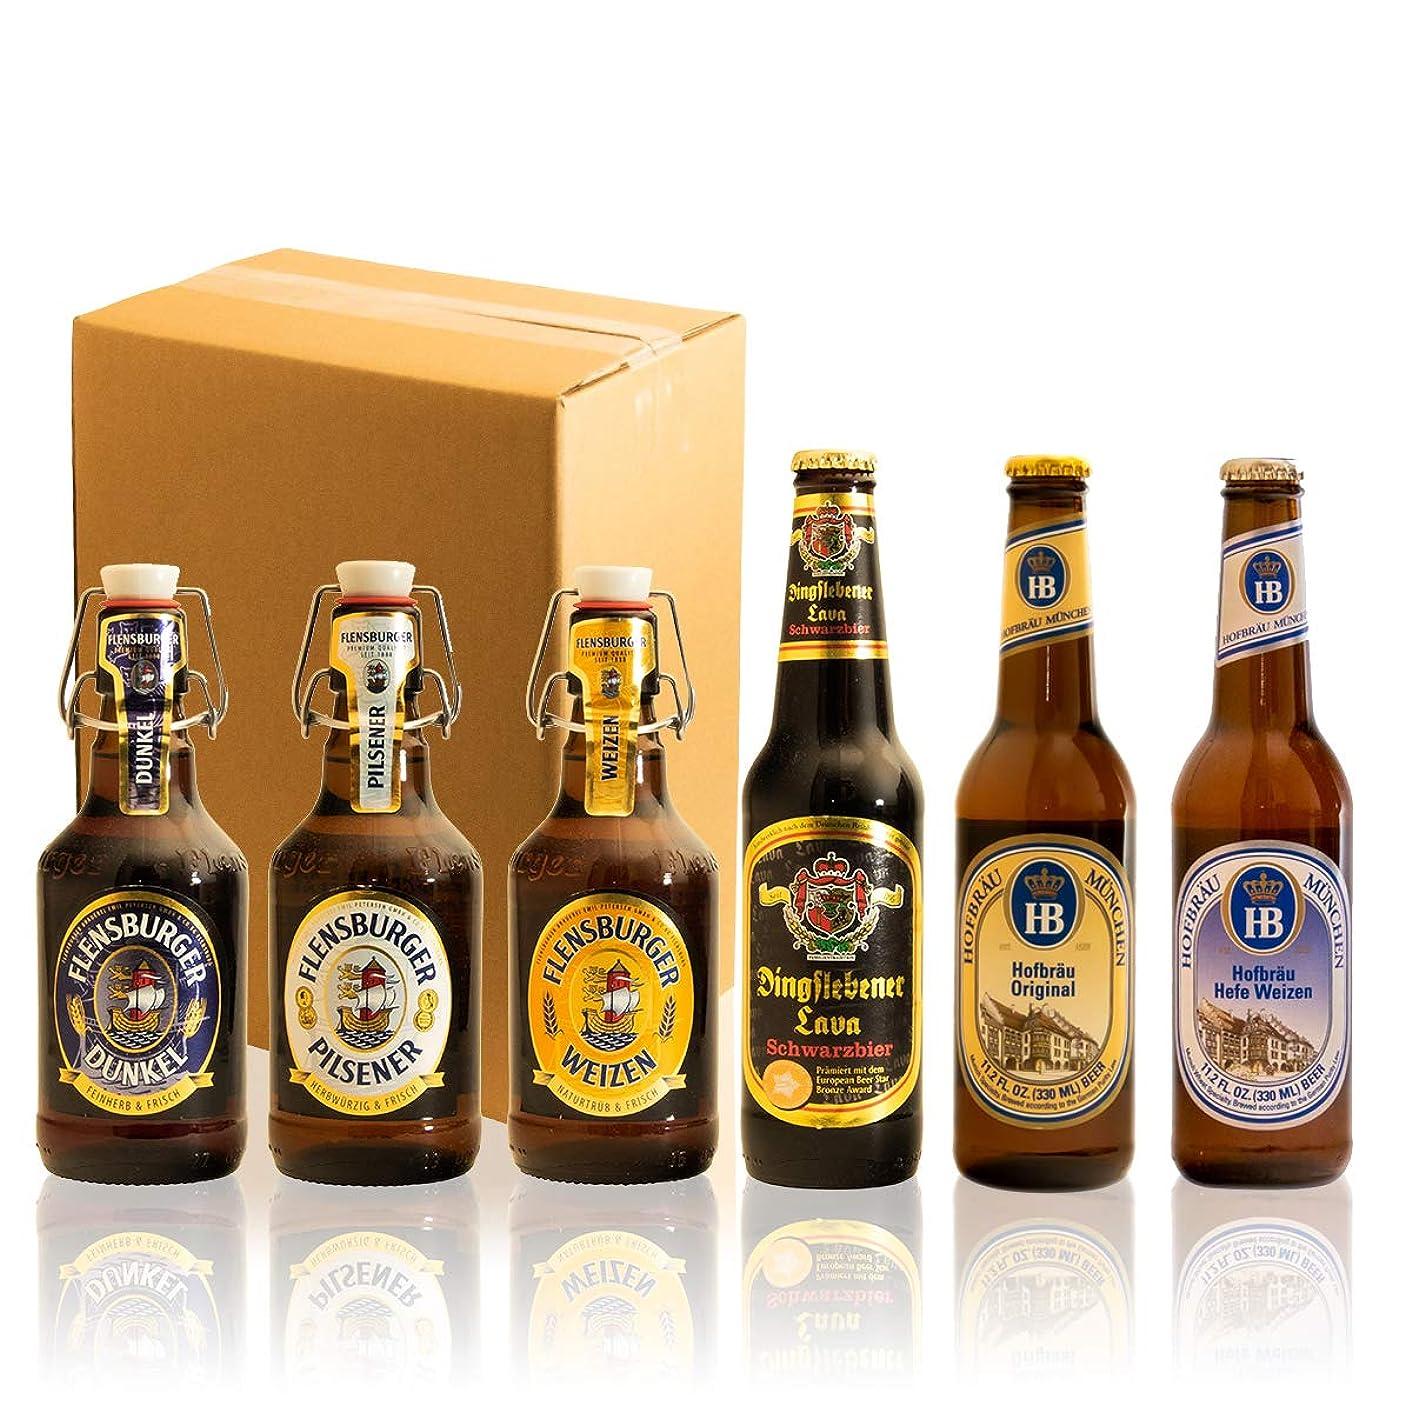 秀でる入手します直面する【お中元ギフト/限定】ドイツビールギフトセット 飲み比べ 6種 330ml × 6本セット(フルーツ型保冷剤付き)